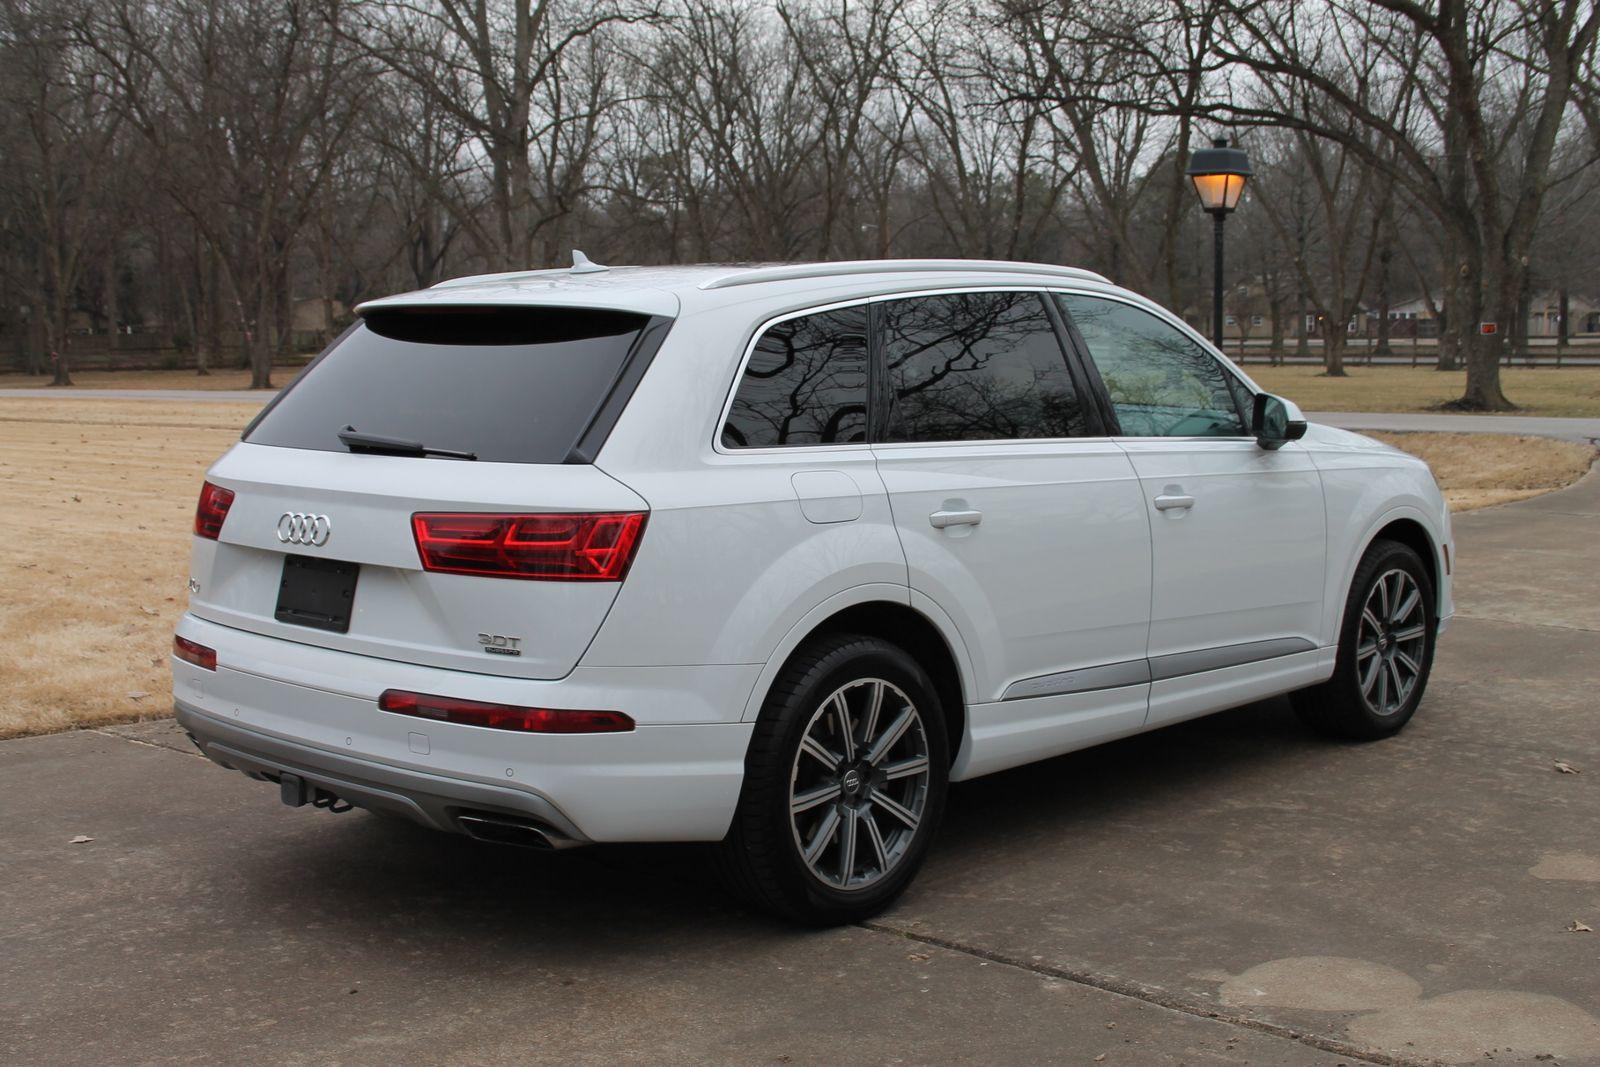 Audi Q Premium Plus MSRP Price Used Cars Memphis - Audi q7 car price